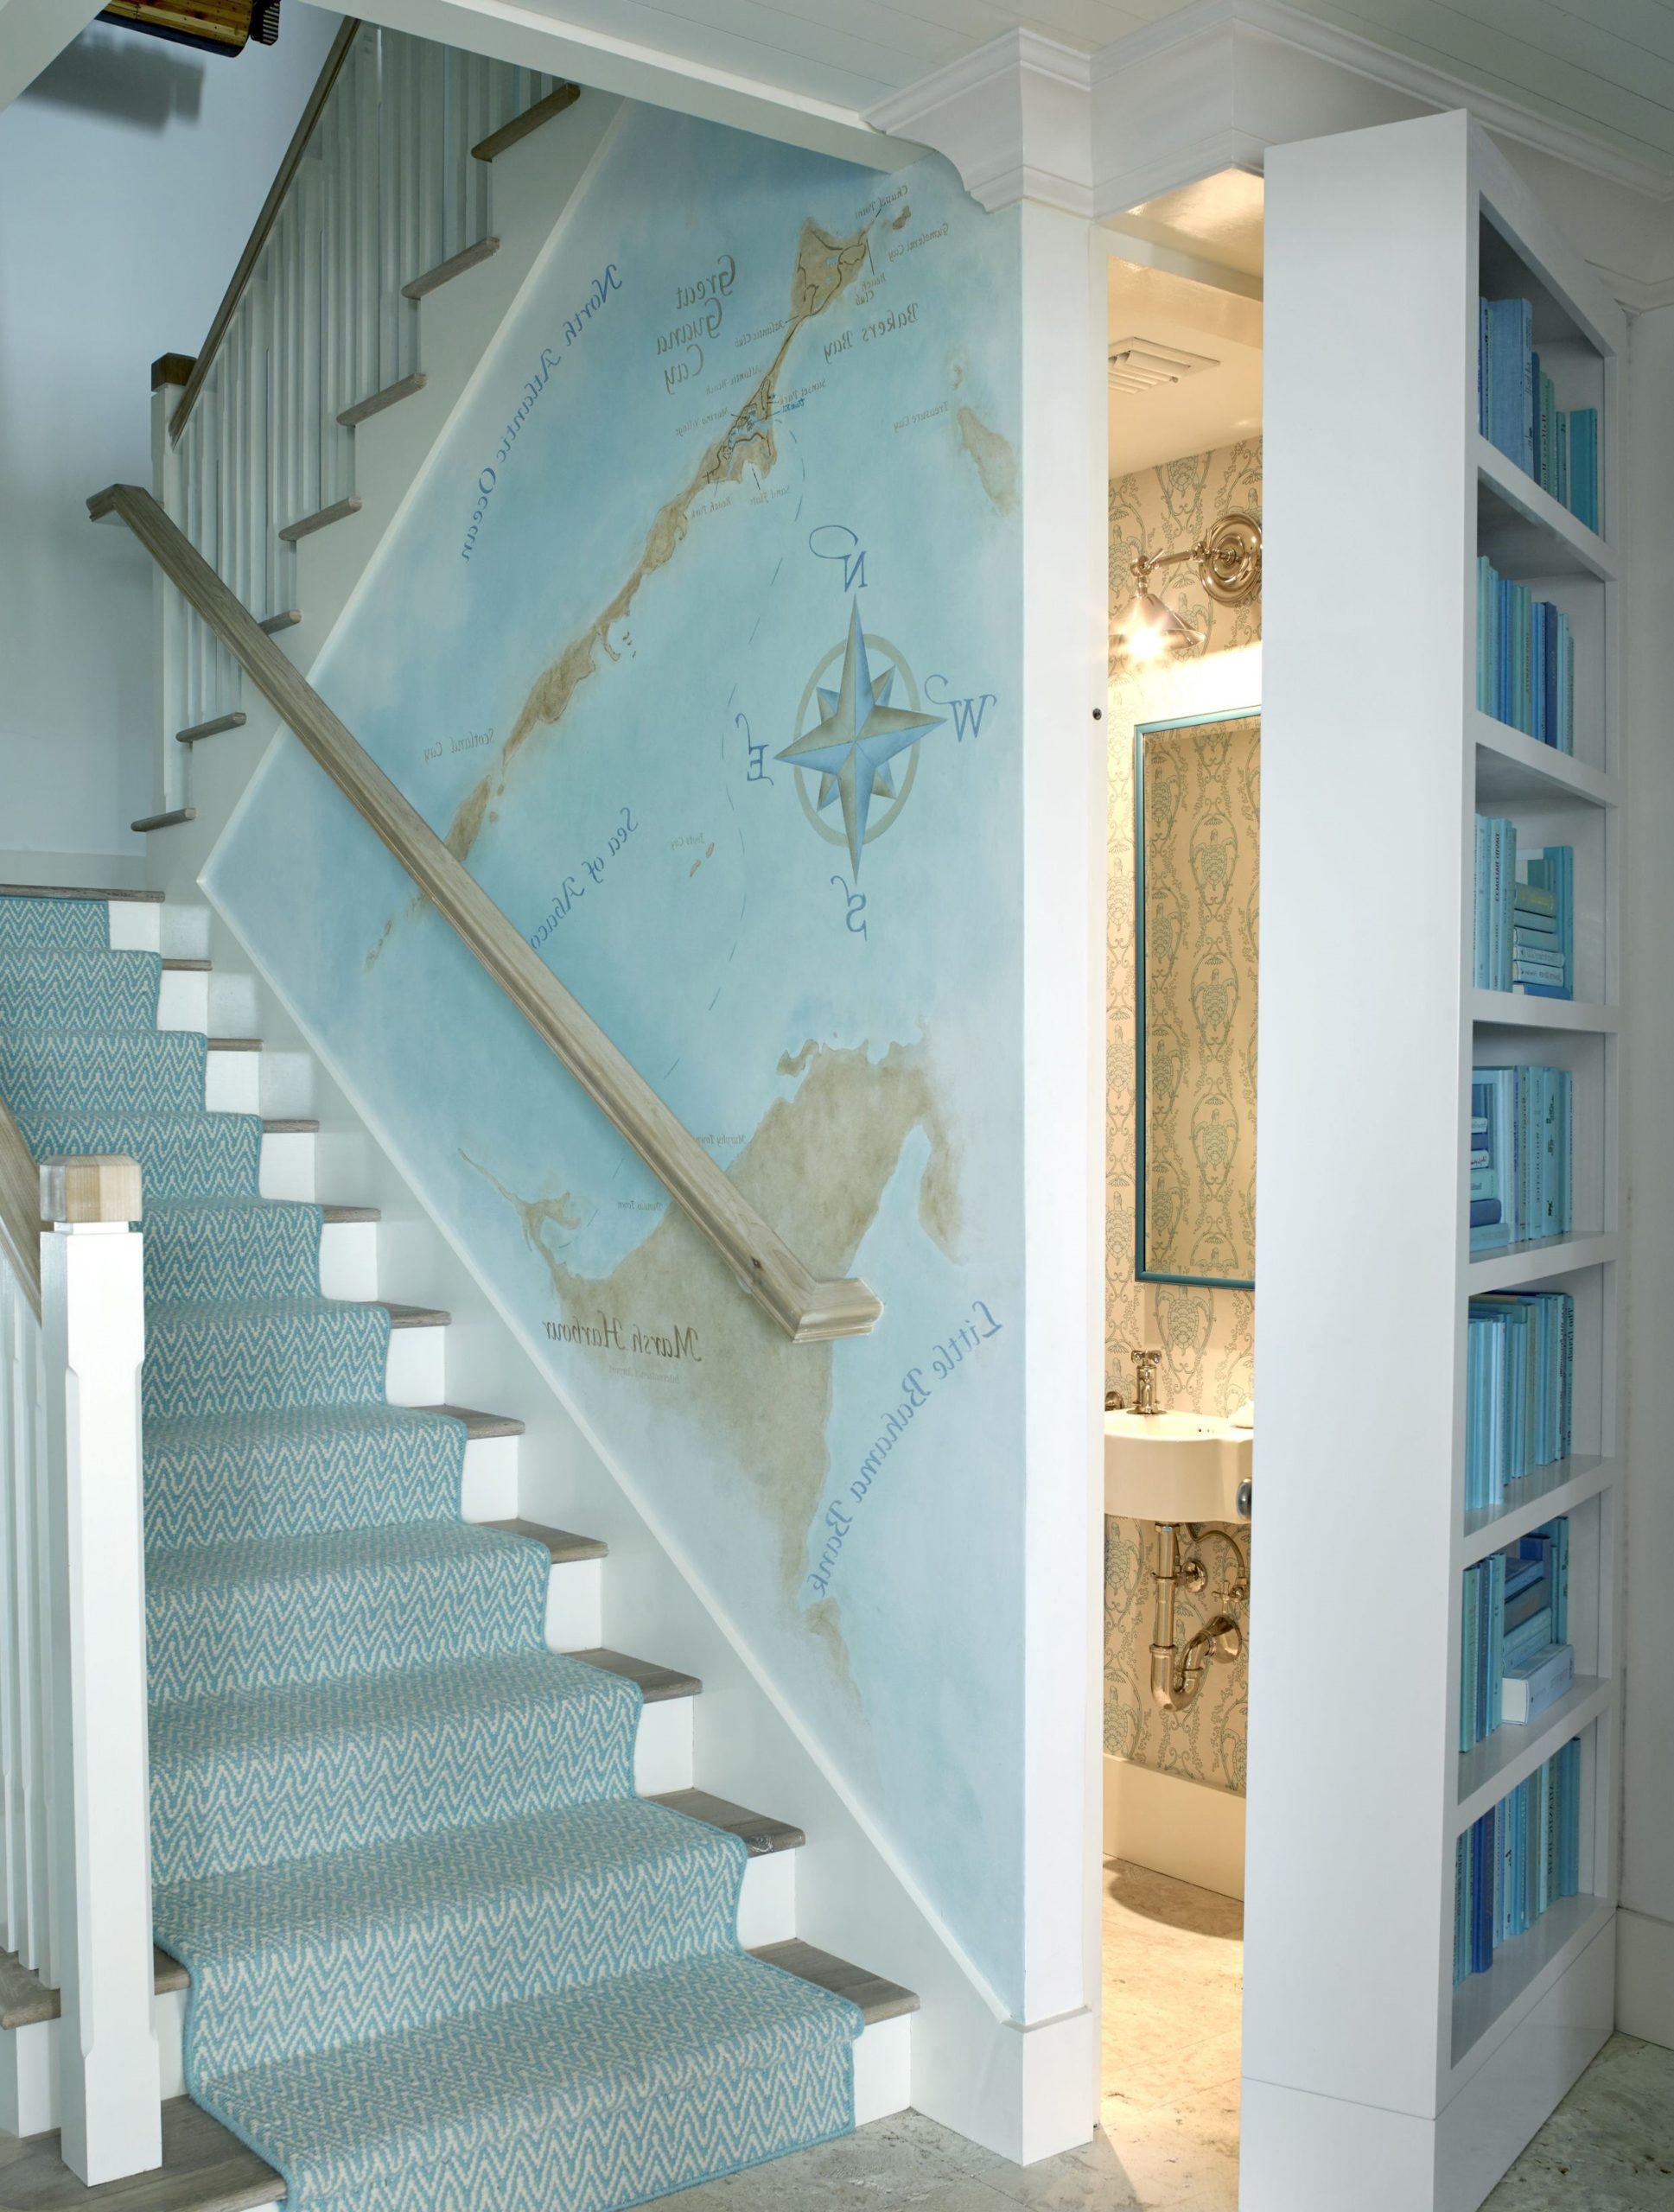 Escalier avec du papier peint créatif.